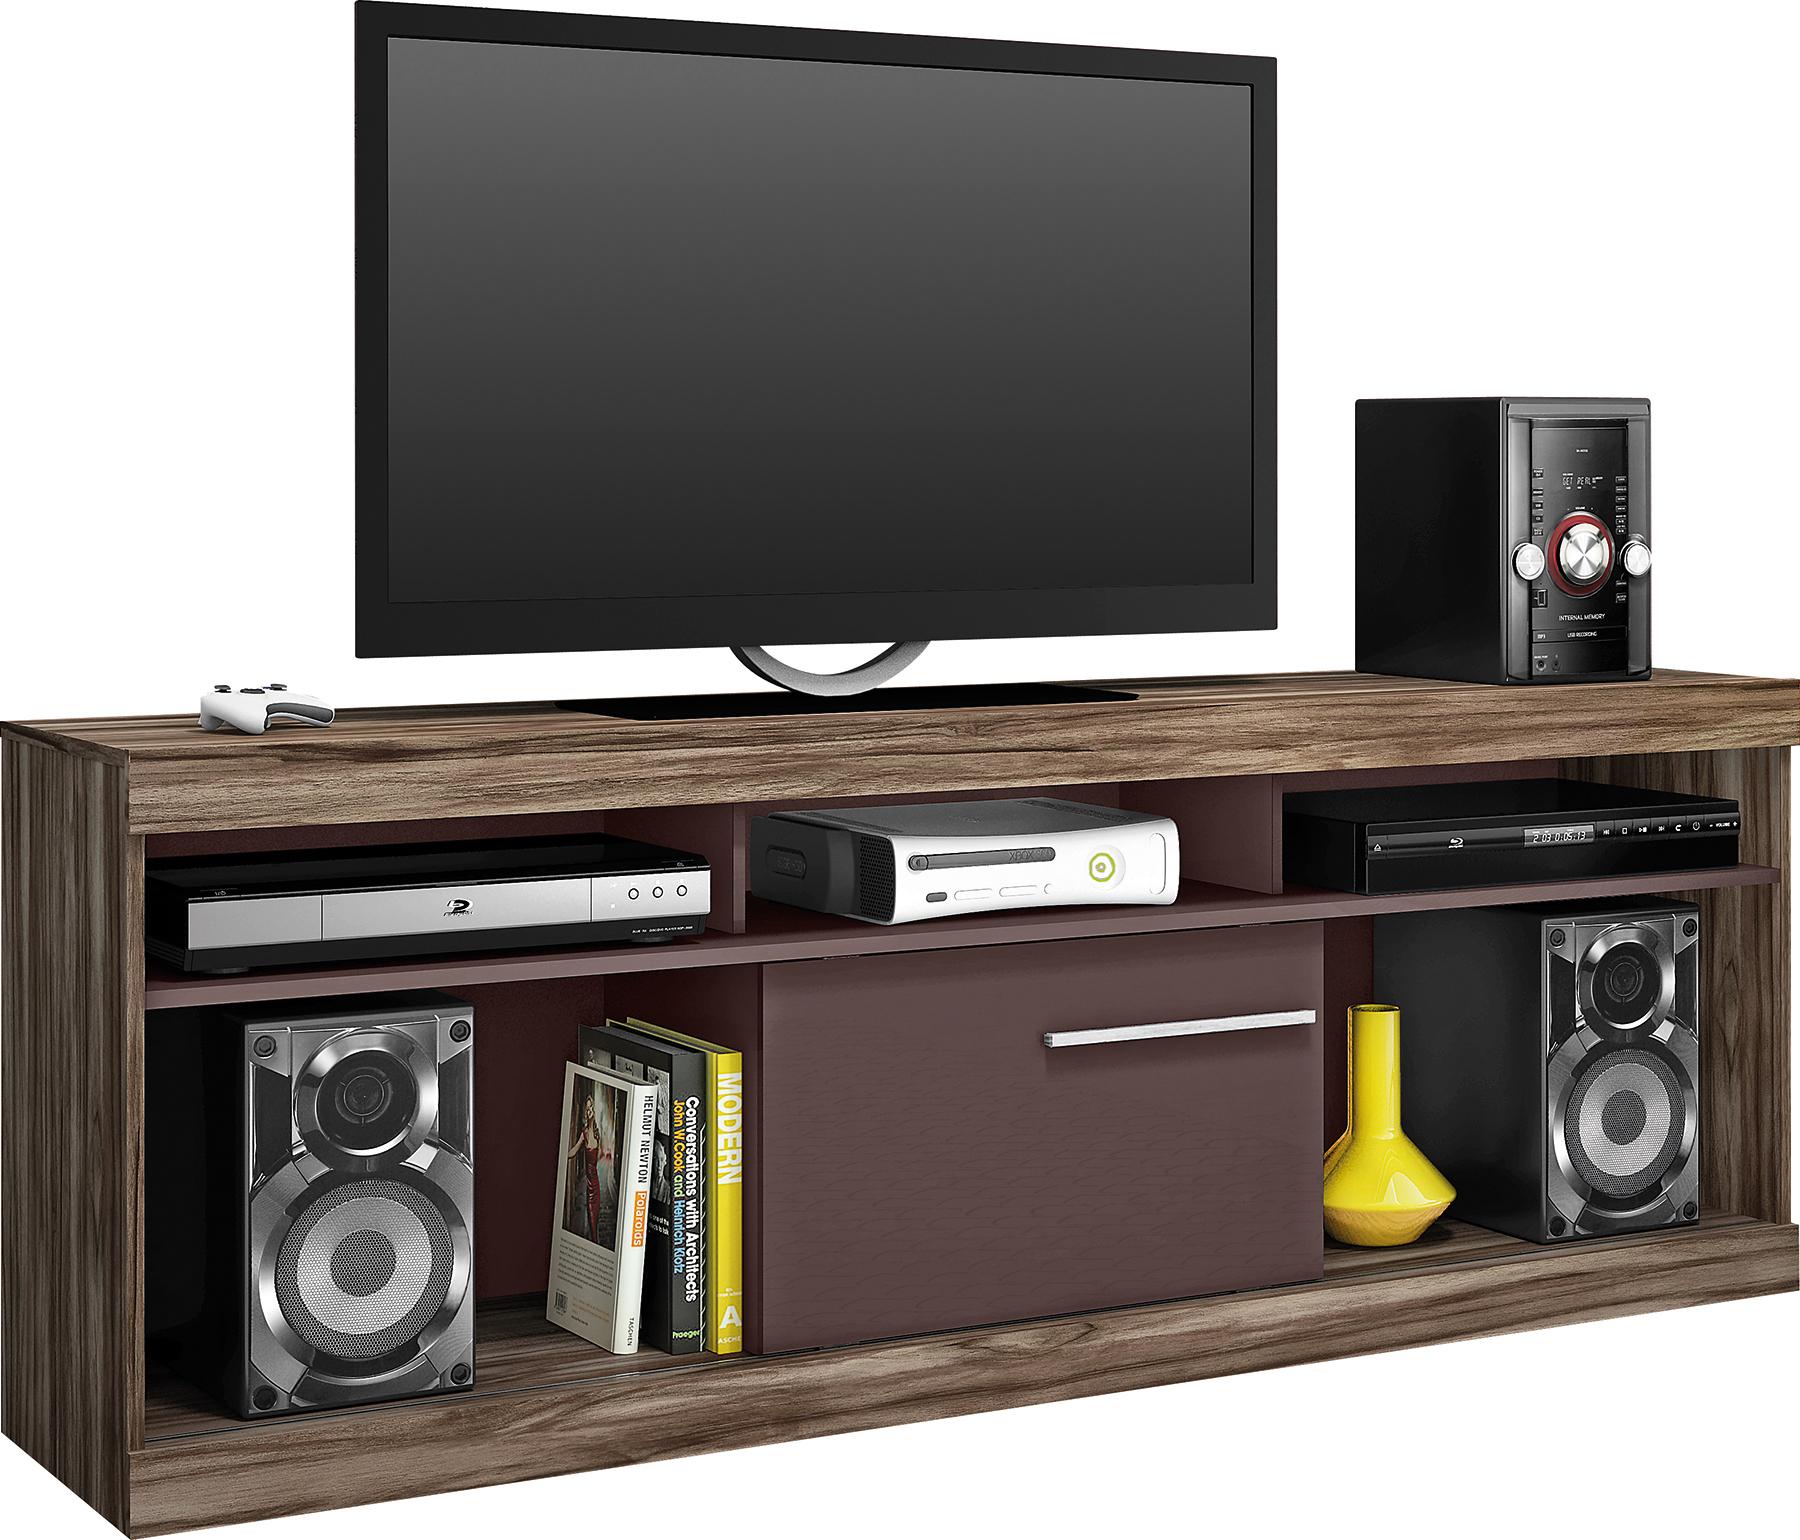 Mueble Para Tv Pantalla Equipo De Sonido Havana Cod 5625 Labnash # Muebles Equipo De Sonido